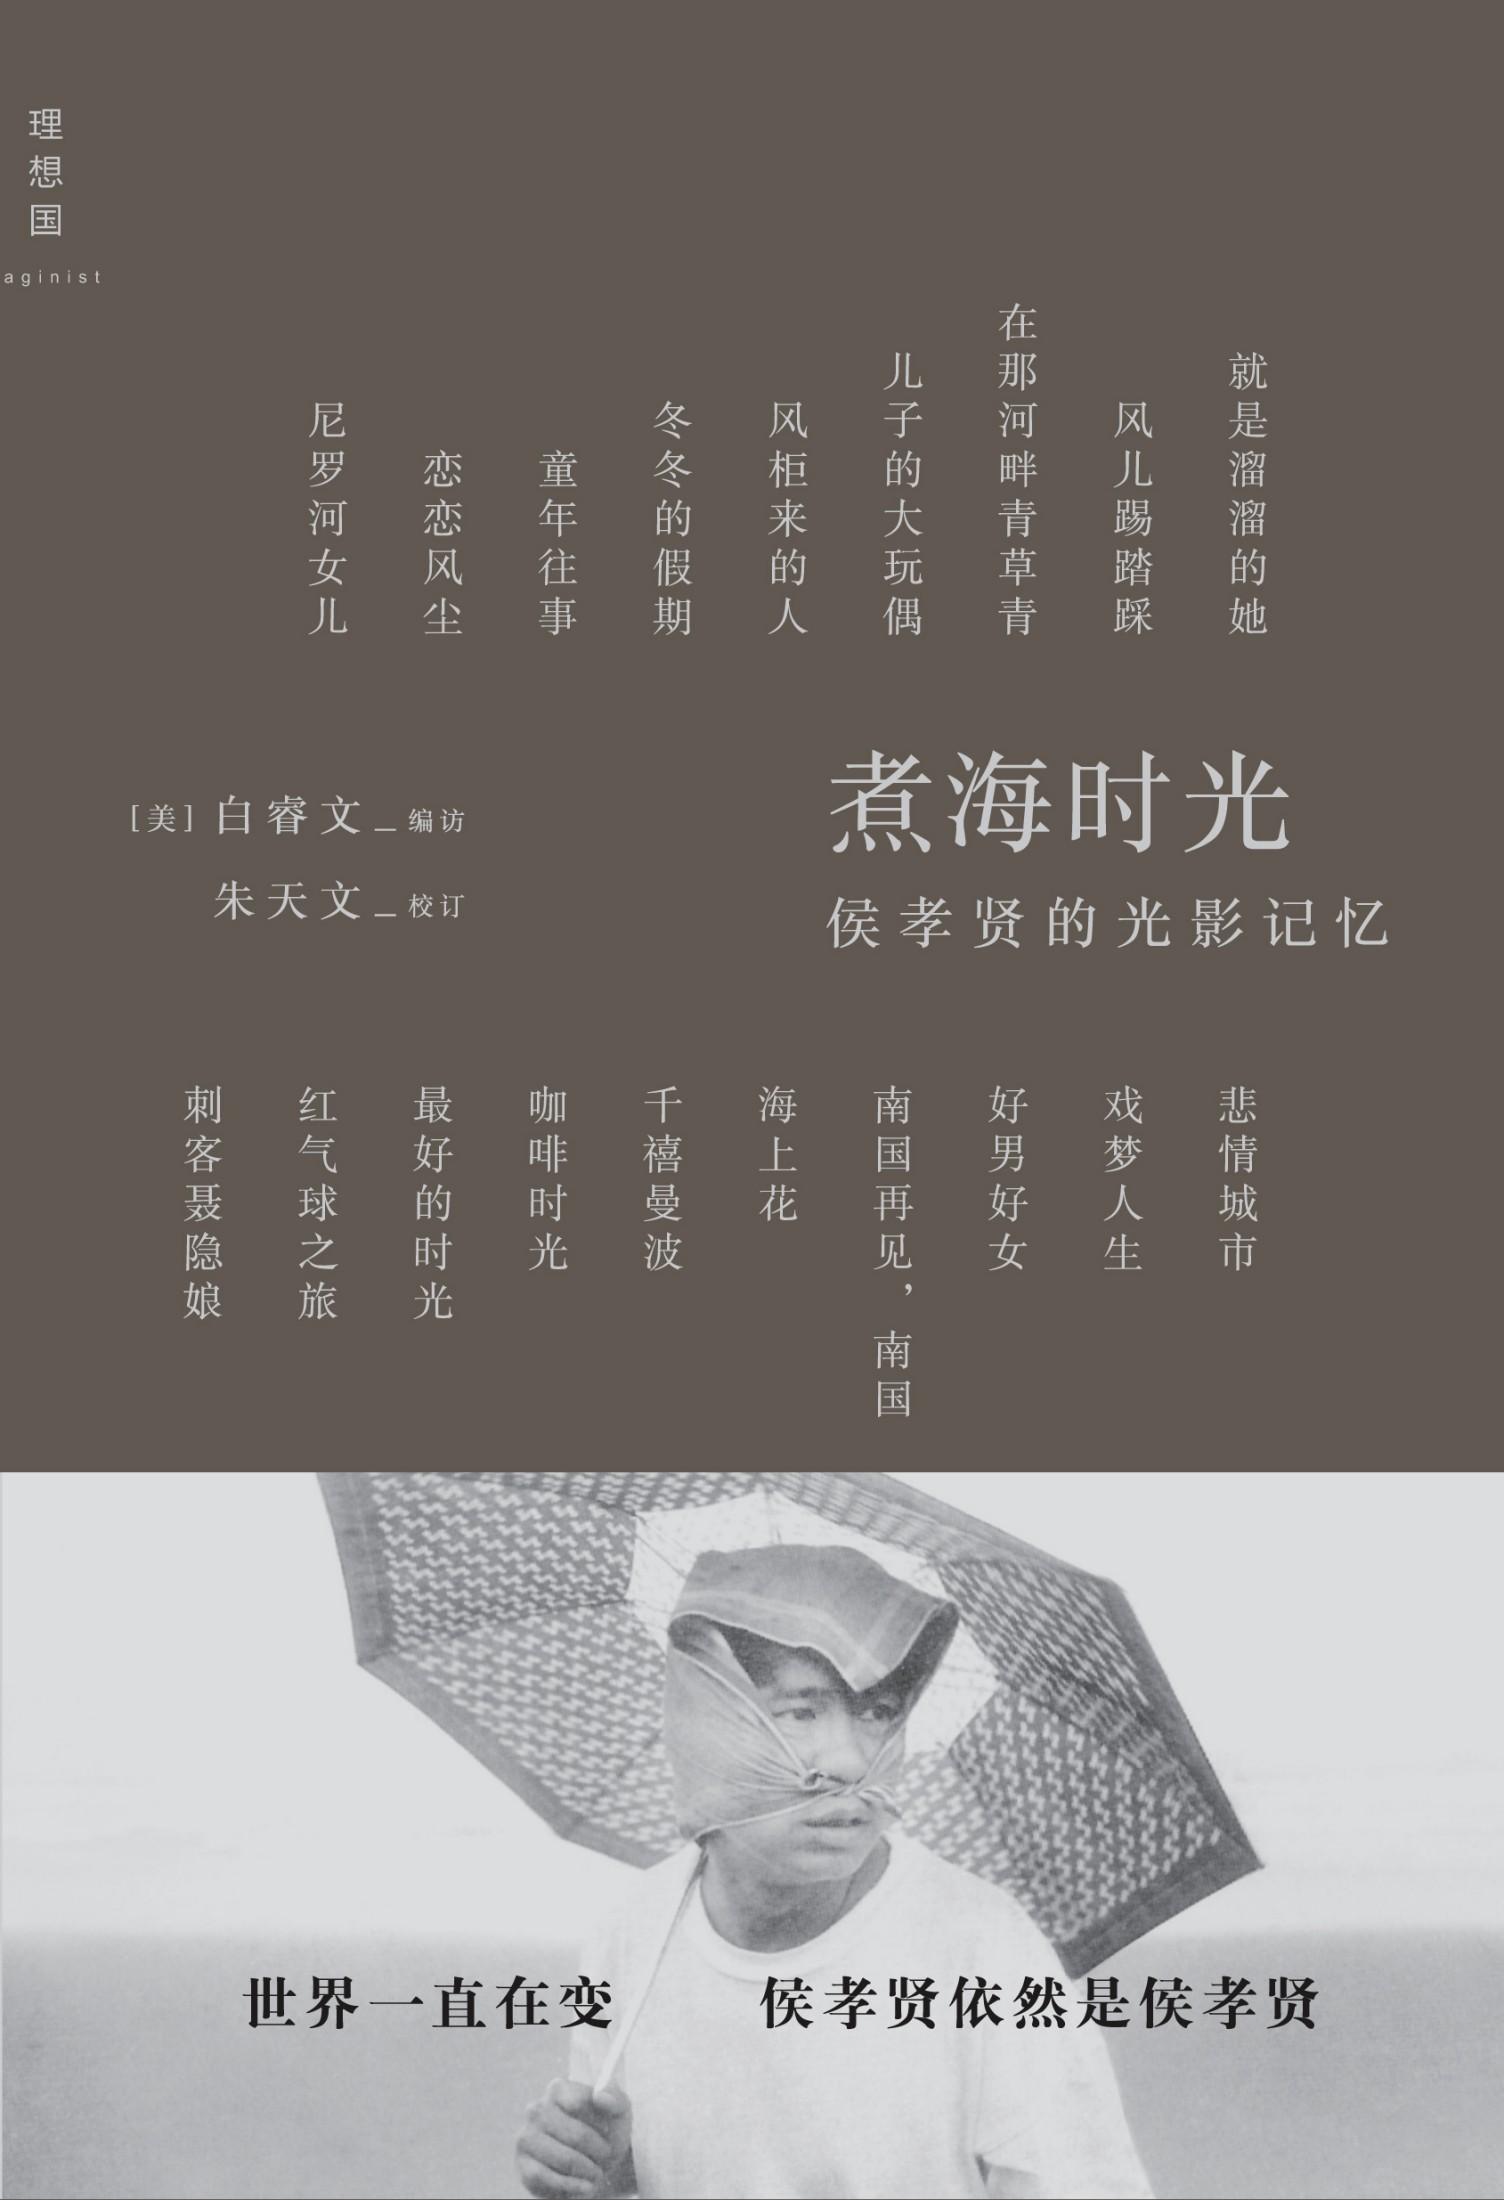 煮海时光 : 侯孝贤的光影记忆 [美] 白睿文pdf-epub-mobi-txt-azw3